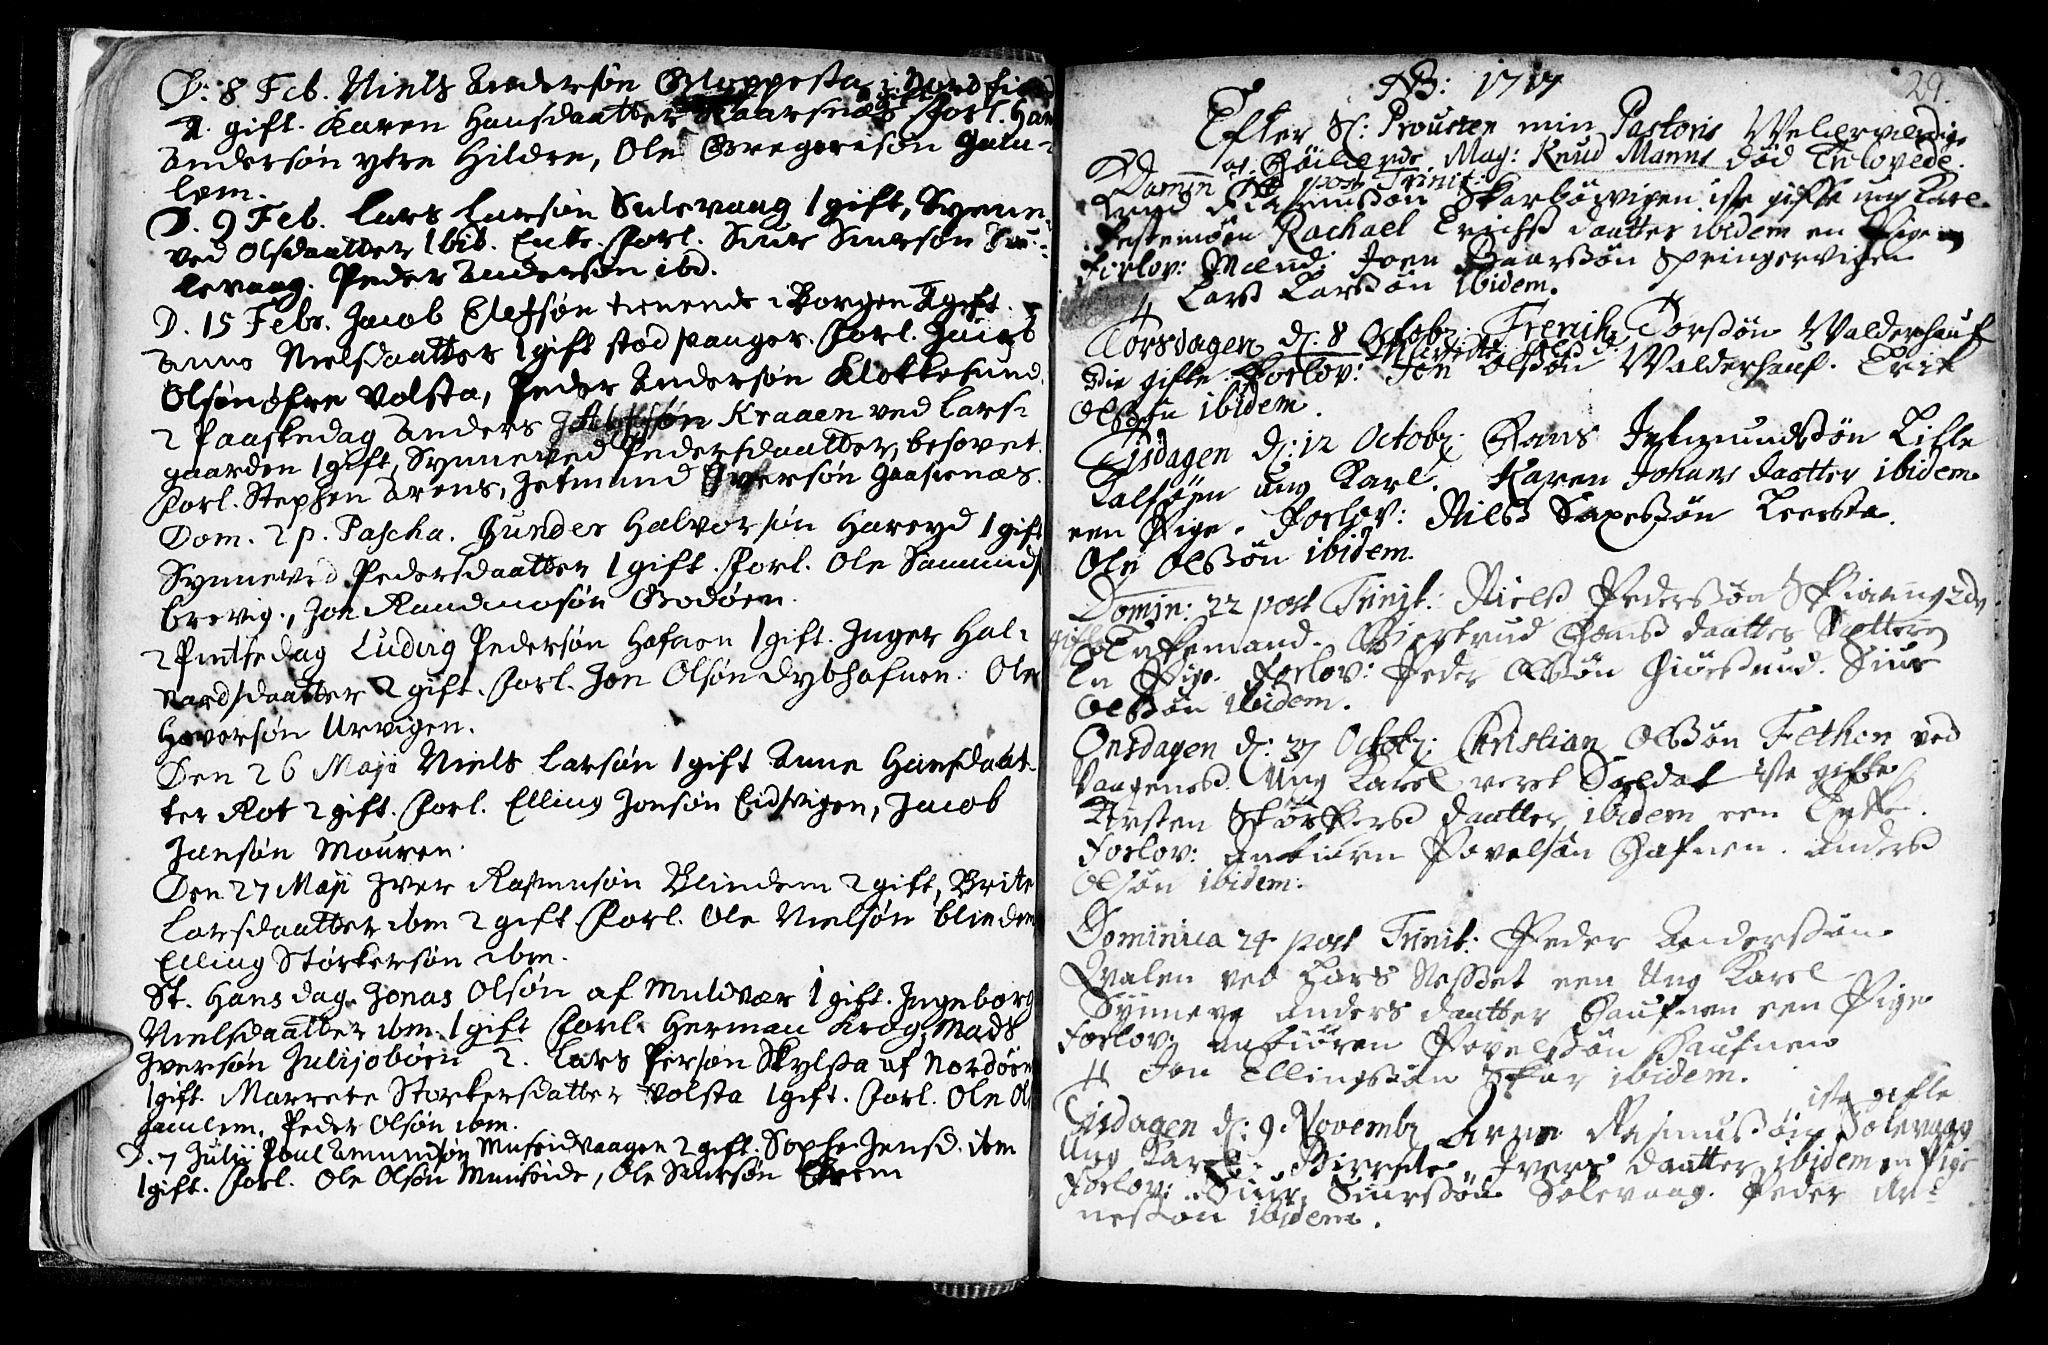 SAT, Ministerialprotokoller, klokkerbøker og fødselsregistre - Møre og Romsdal, 528/L0390: Parish register (official) no. 528A01, 1698-1739, p. 28-29